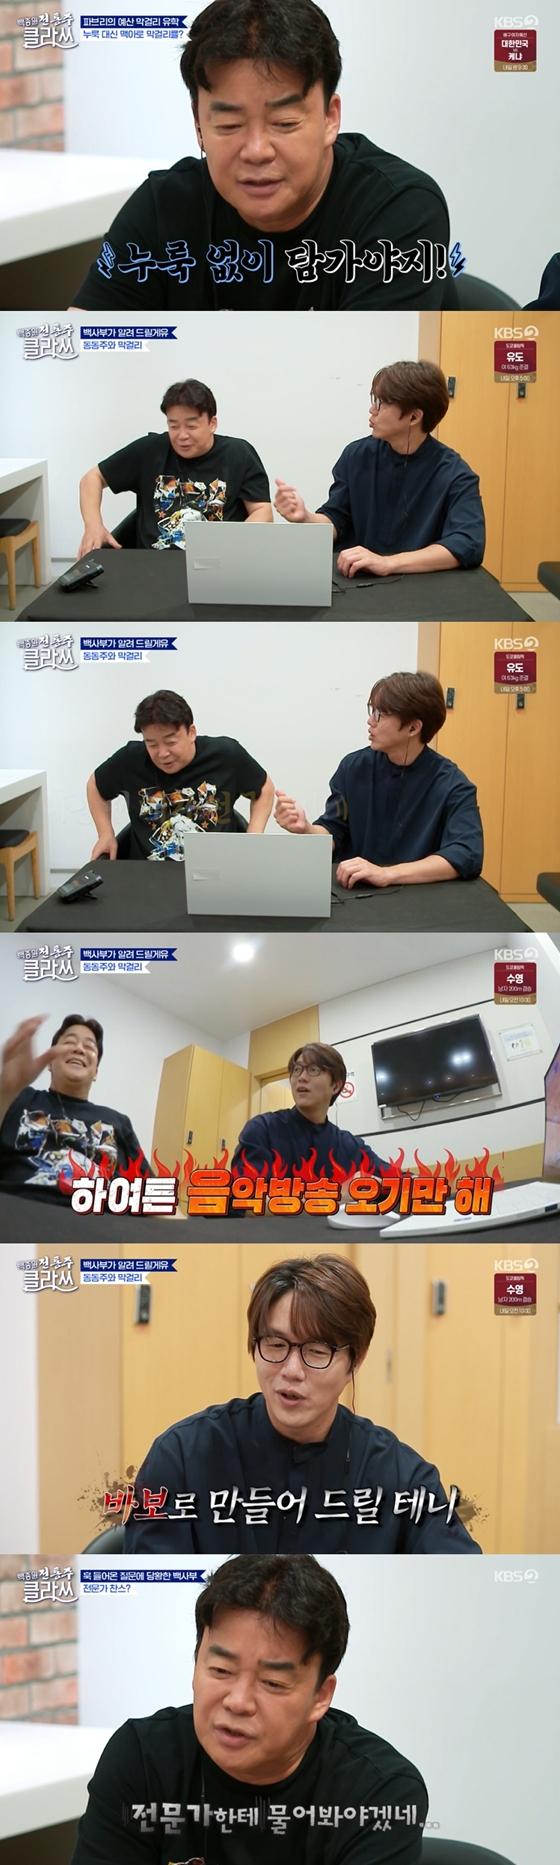 KBS 2TV '백종원 클라쓰'의 성시경, 백종원/사진=KBS 2TV '백종원 클라쓰' 방송 화면 캡처